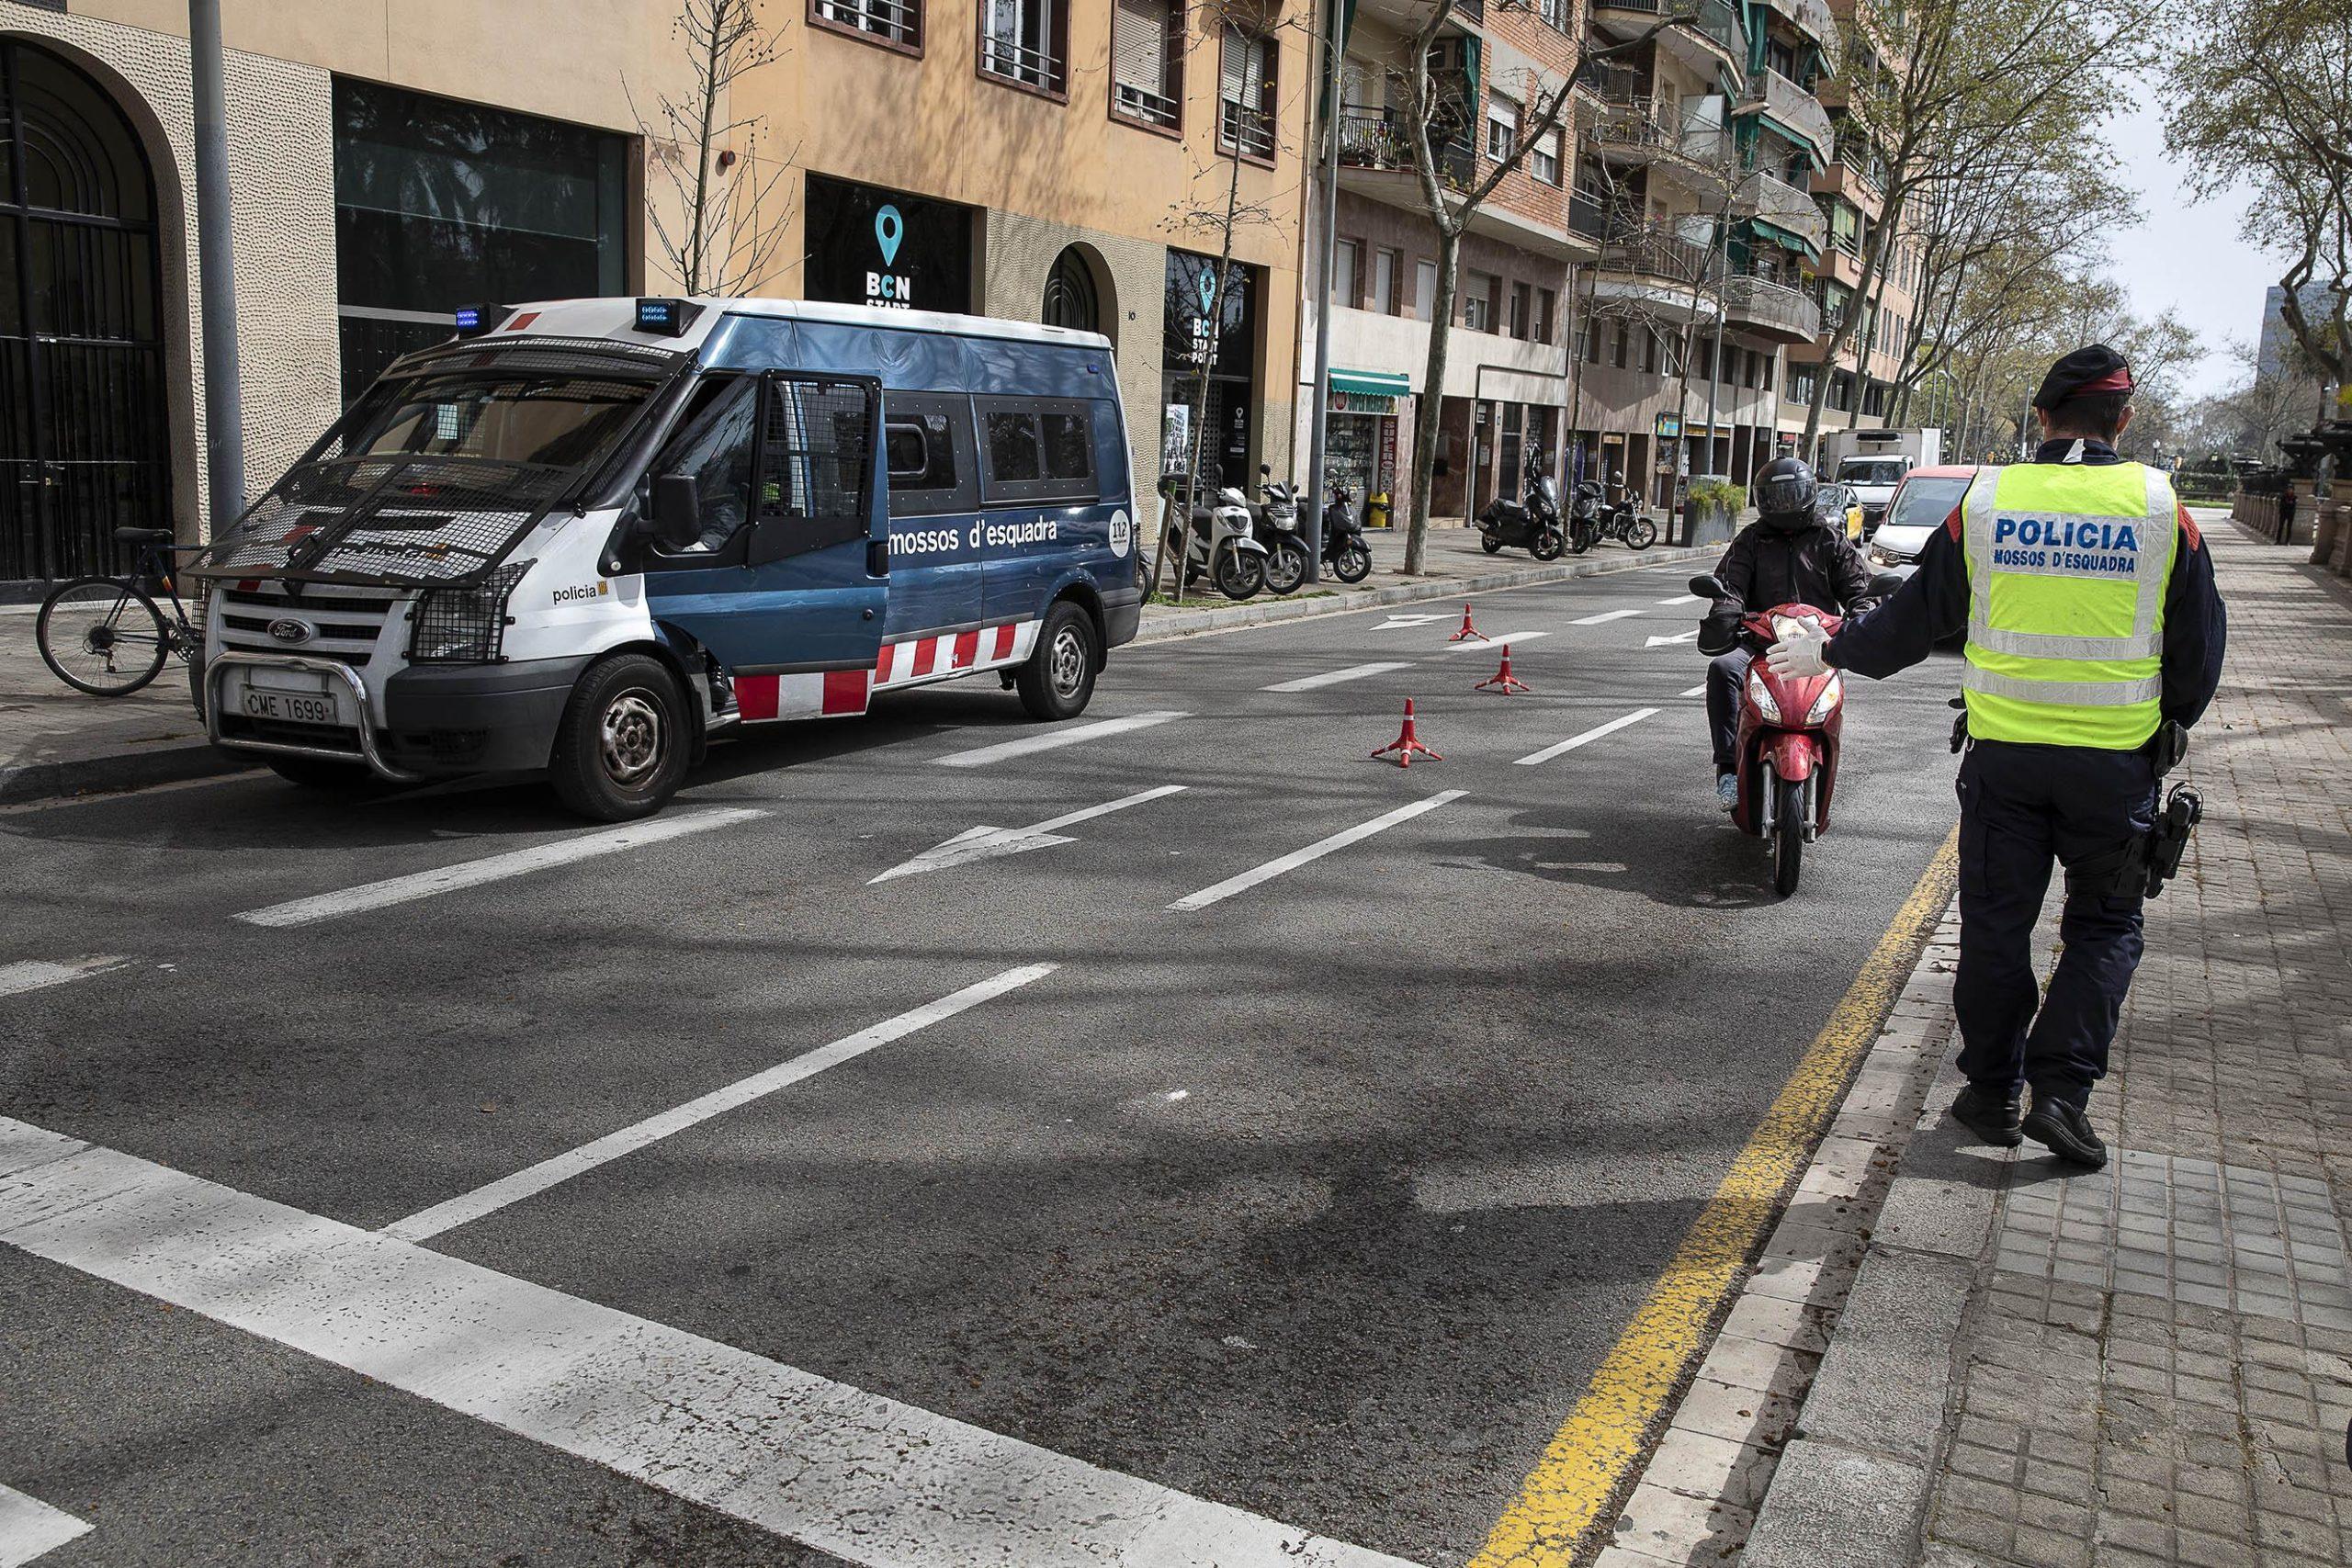 Control dels Mossos d'Esquadra al passeig Lluís Companys per detectar persones que se salten el confinament / Jordi Play